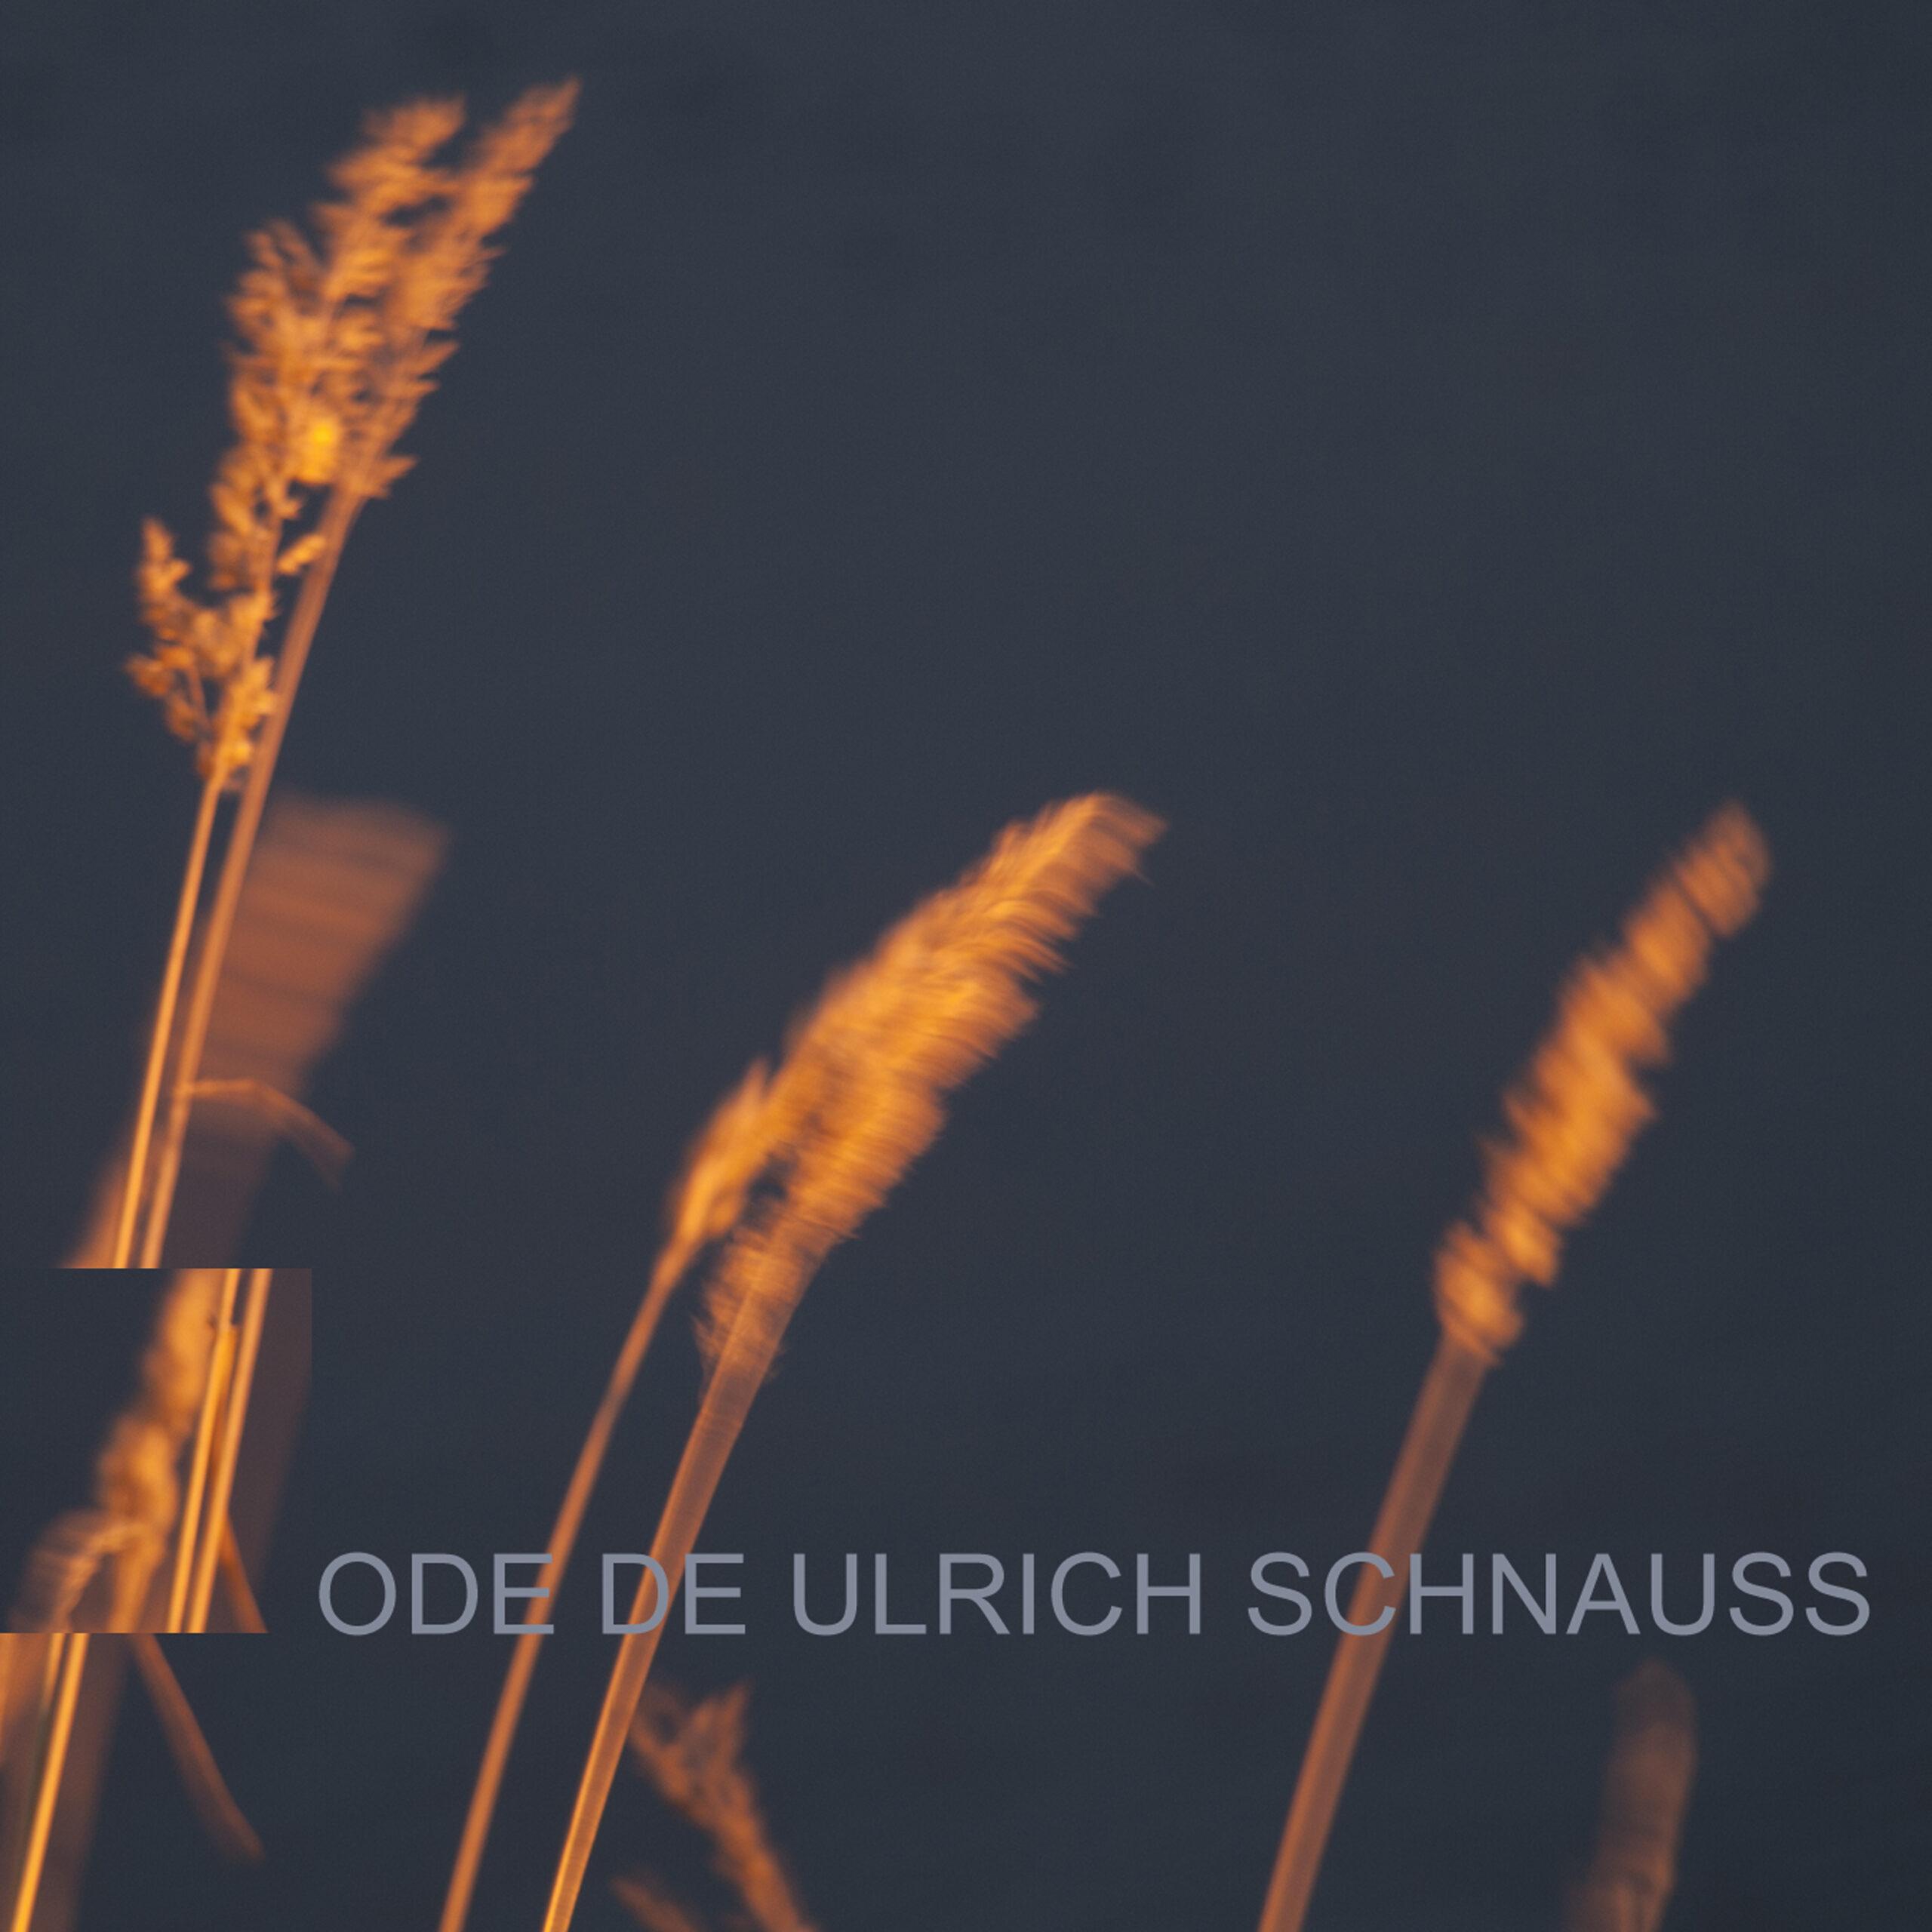 Ode de Ulrich Schnauss